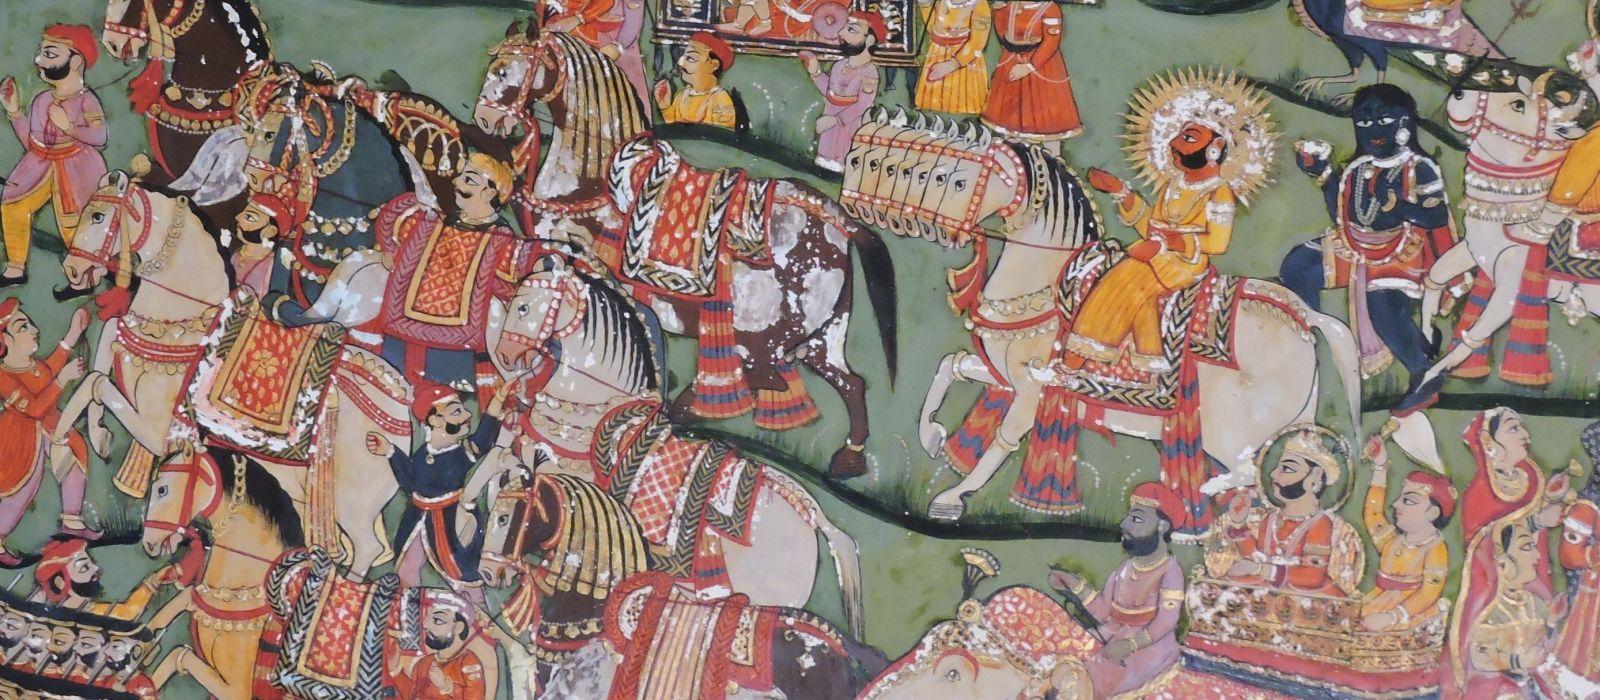 Rajasthan Rundreise: Geheimnisvolle Wüste, Paläste & Seen Urlaub 8